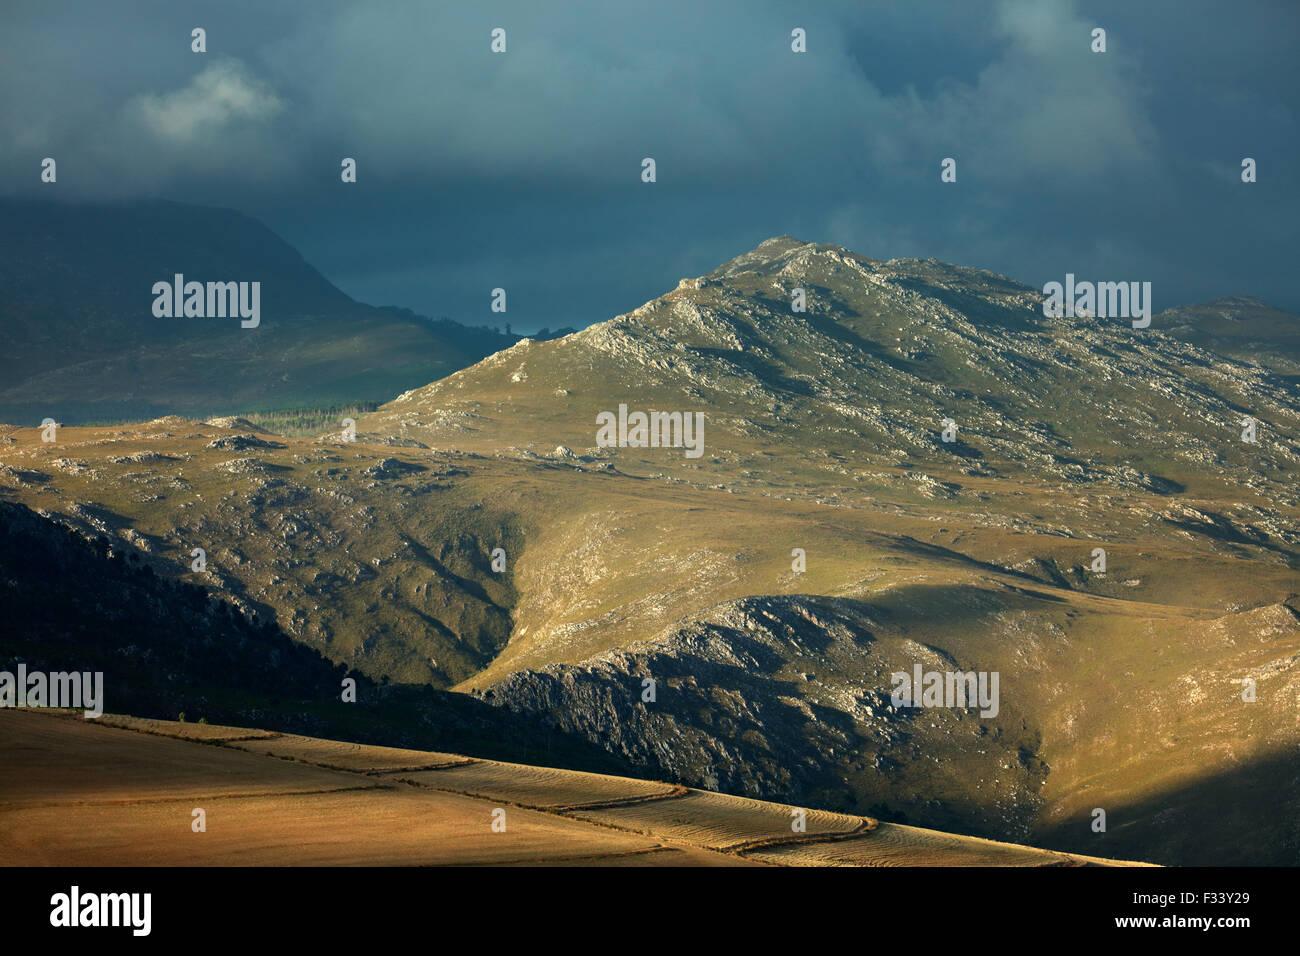 Le montagne della regione di Overberg vicino Villiersdorp, Western Cape, Sud Africa Immagini Stock